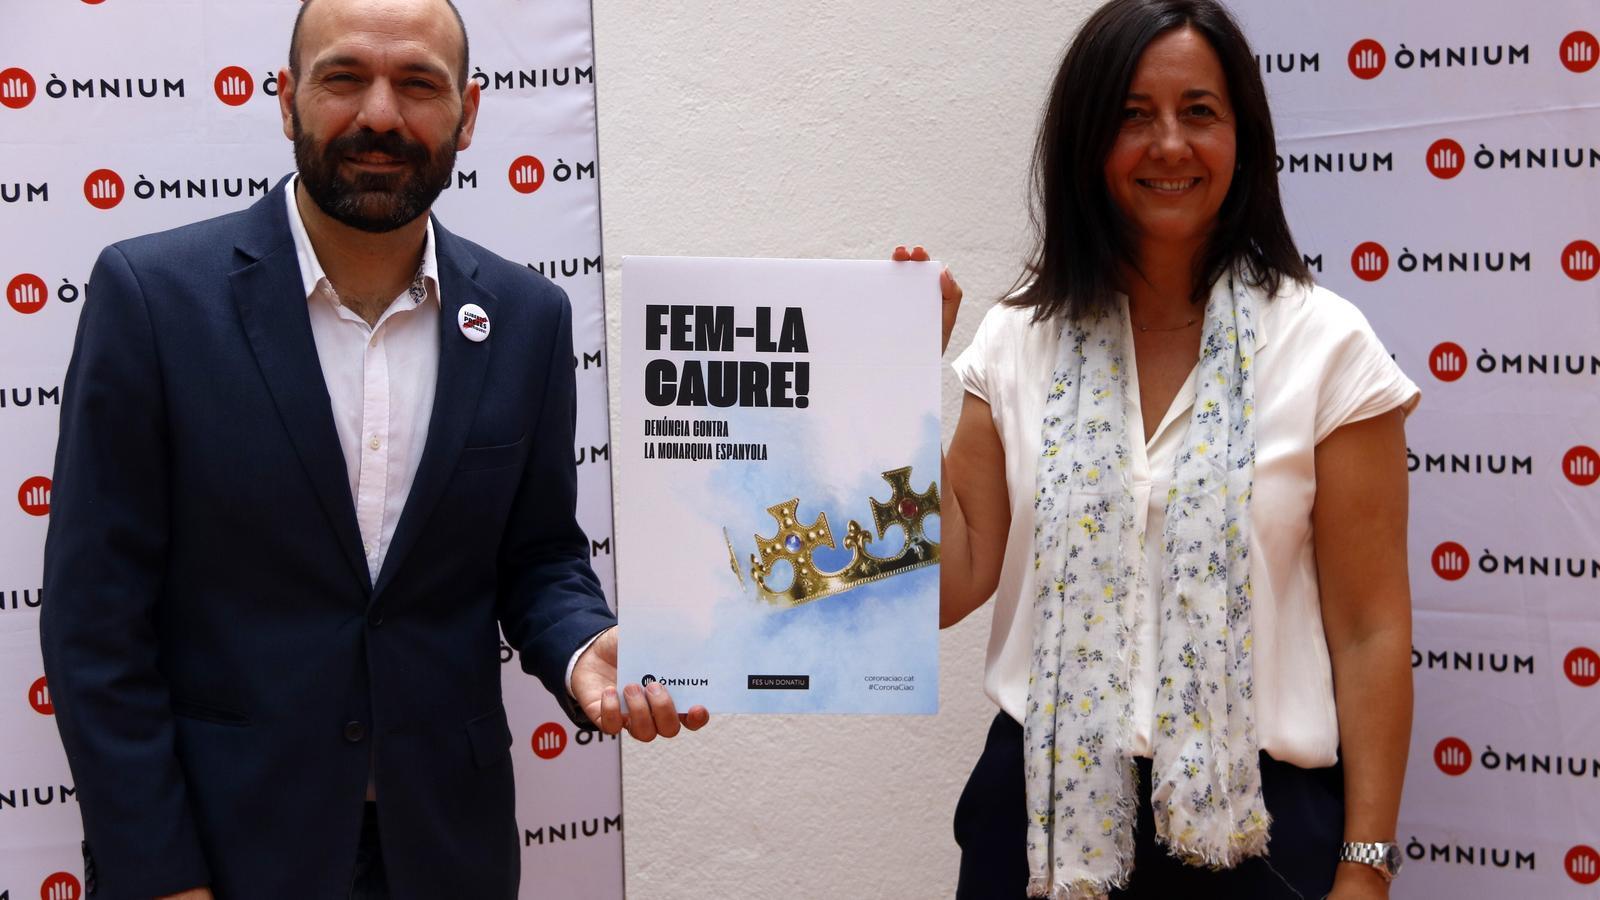 El vicepresident d'Òmnium, Marcel Mauri, i la doctora en Dret i experta en drets humans Neus Torbisco mostren el cartell de la campanya de l'entitat